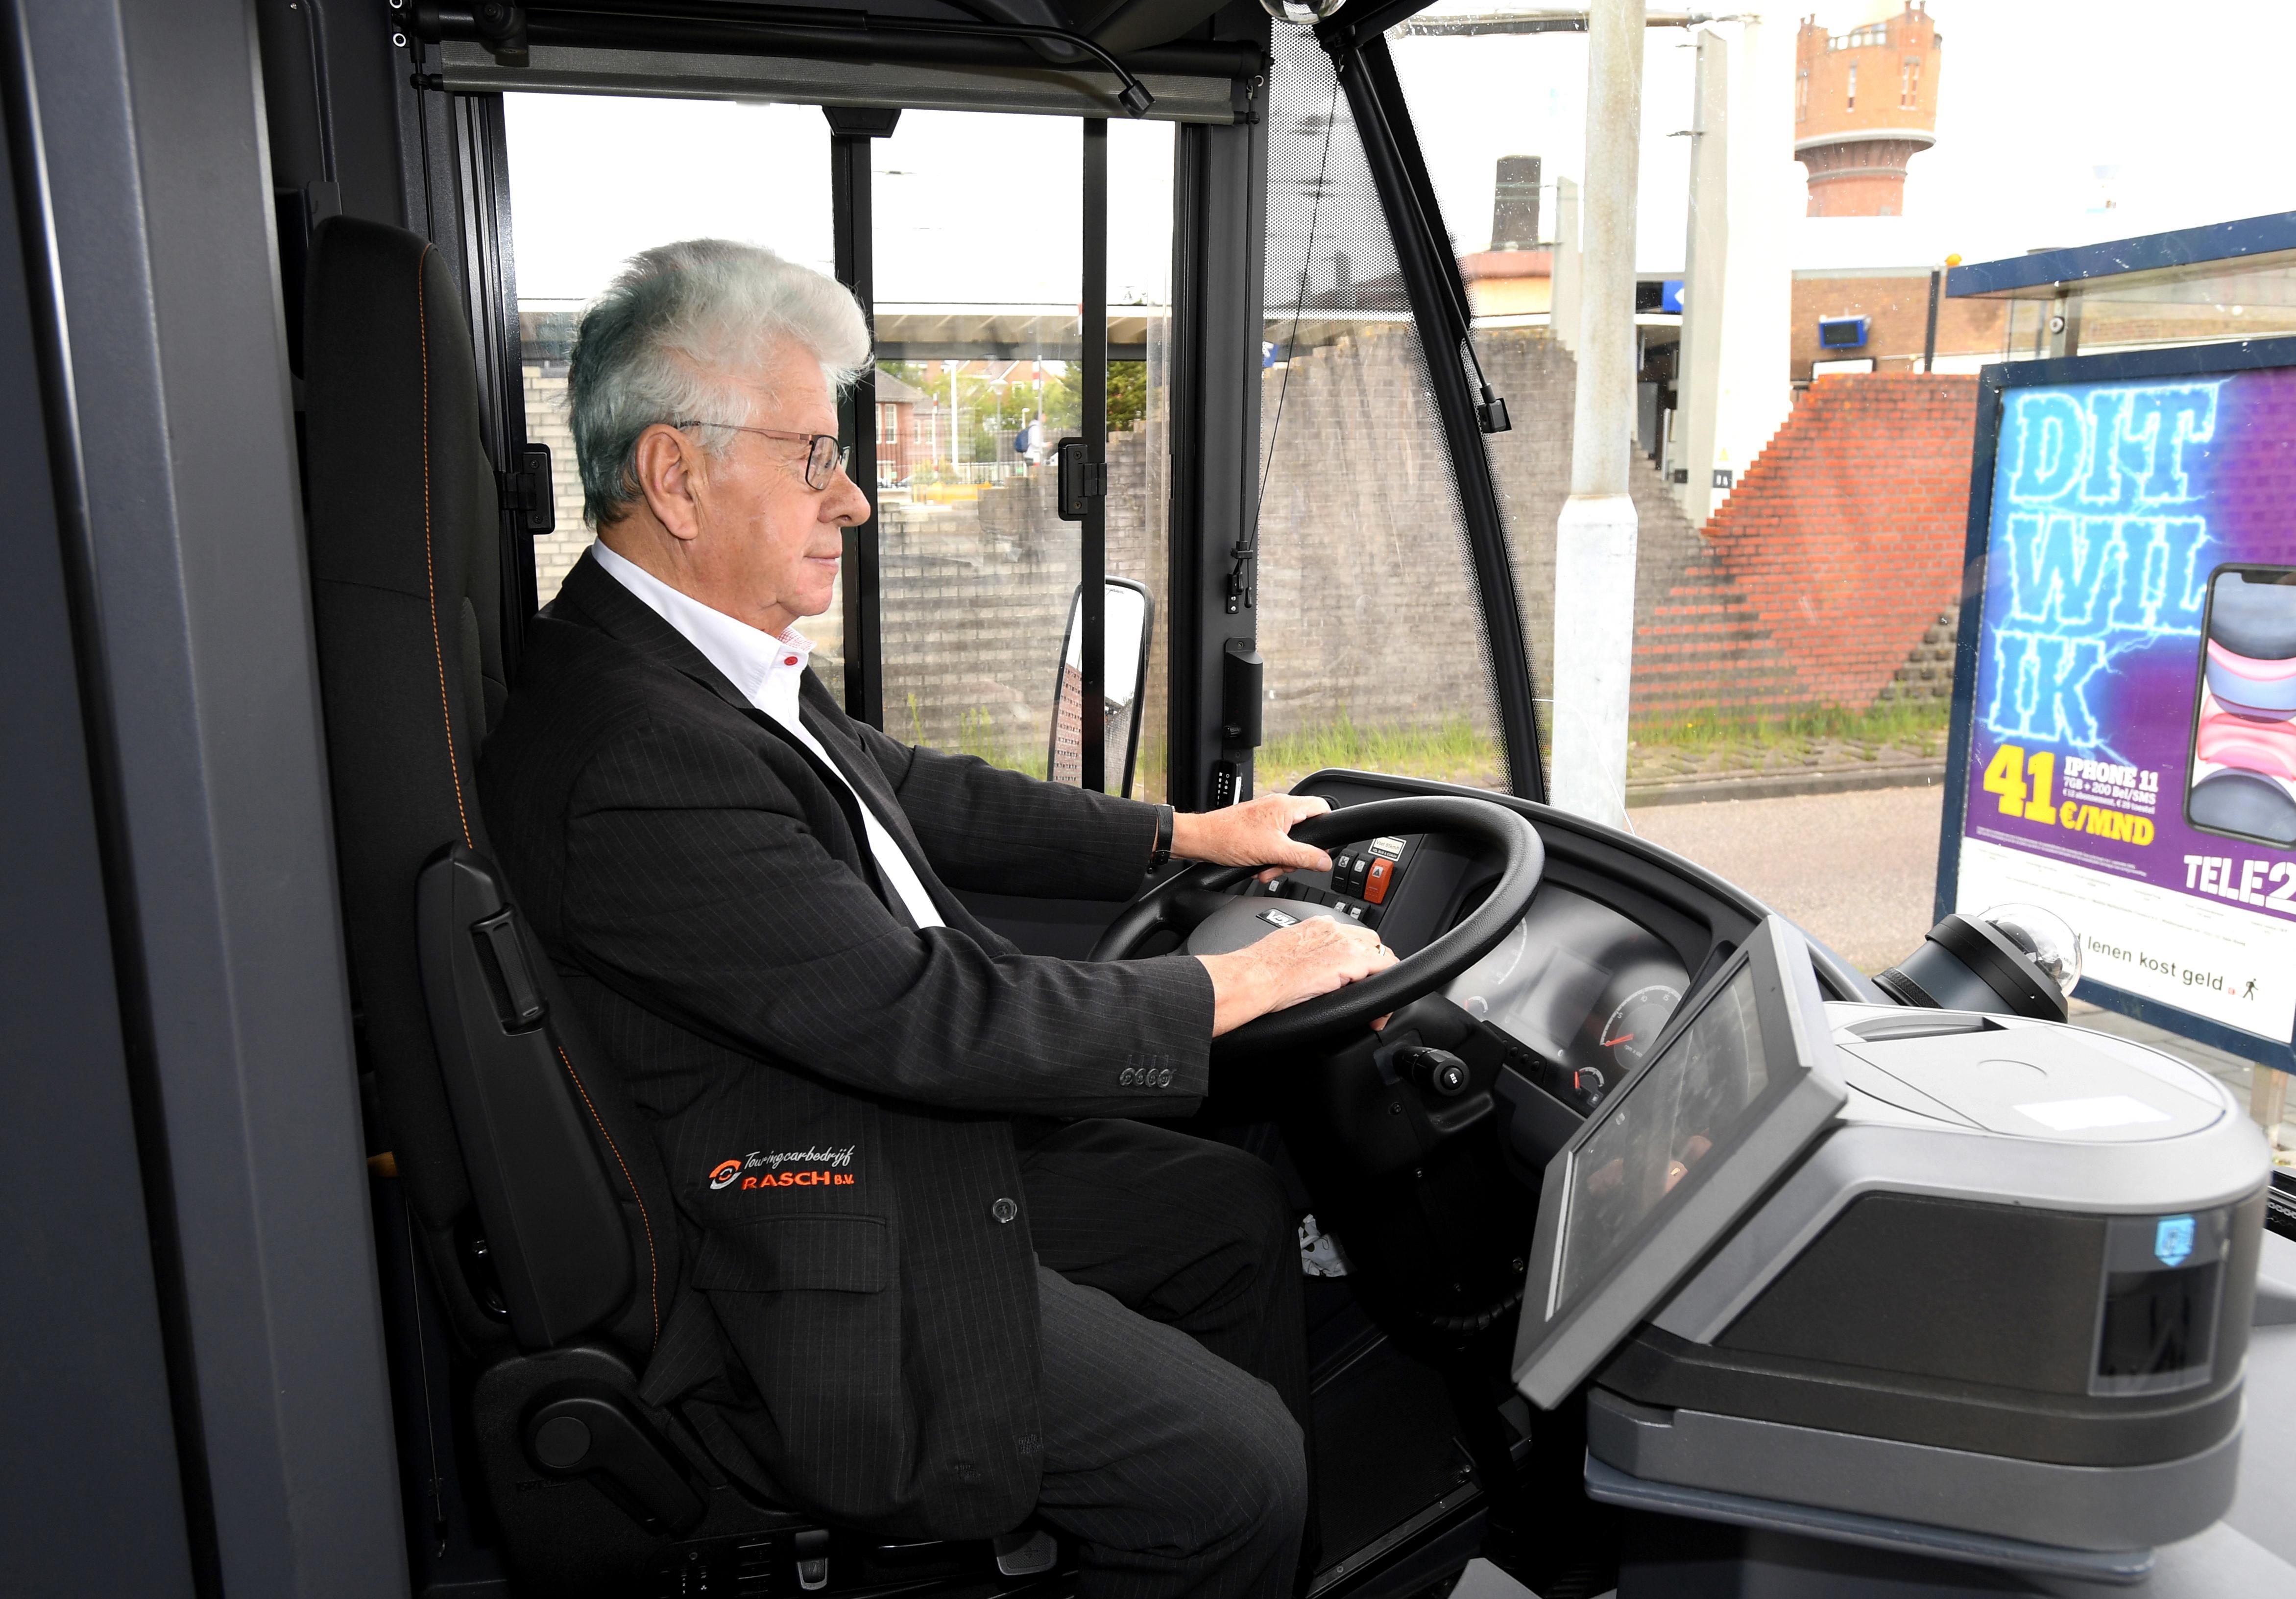 De kustbus Petten-Den Helder blijft leeg. Chauffeur Piet: 'Ik rijd tachtig kilometer zonder passagier'